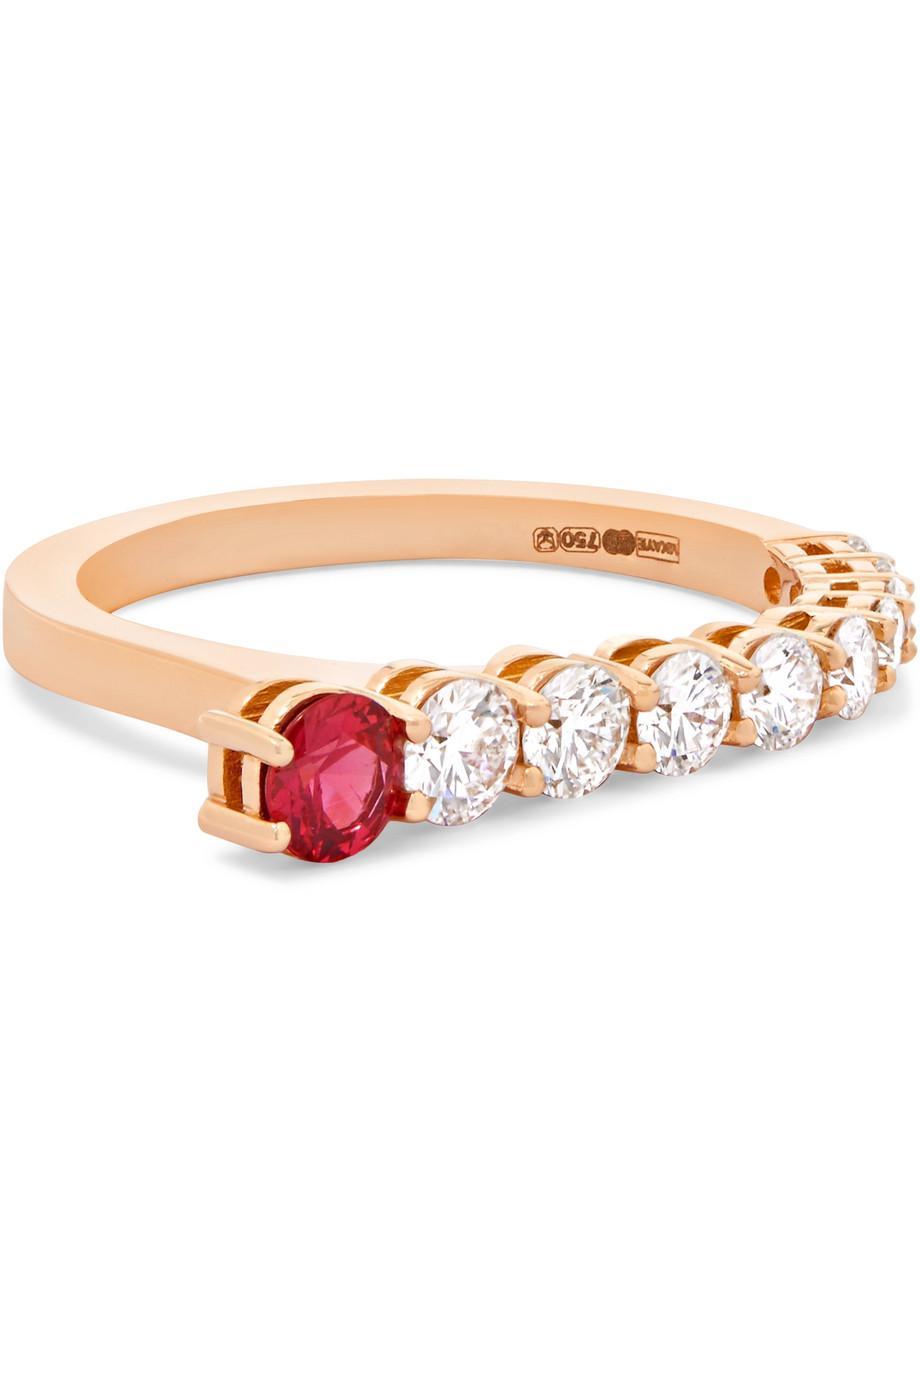 Melissa Kaye Aria 18-karat Rose Gold, Diamond And Ruby Ring